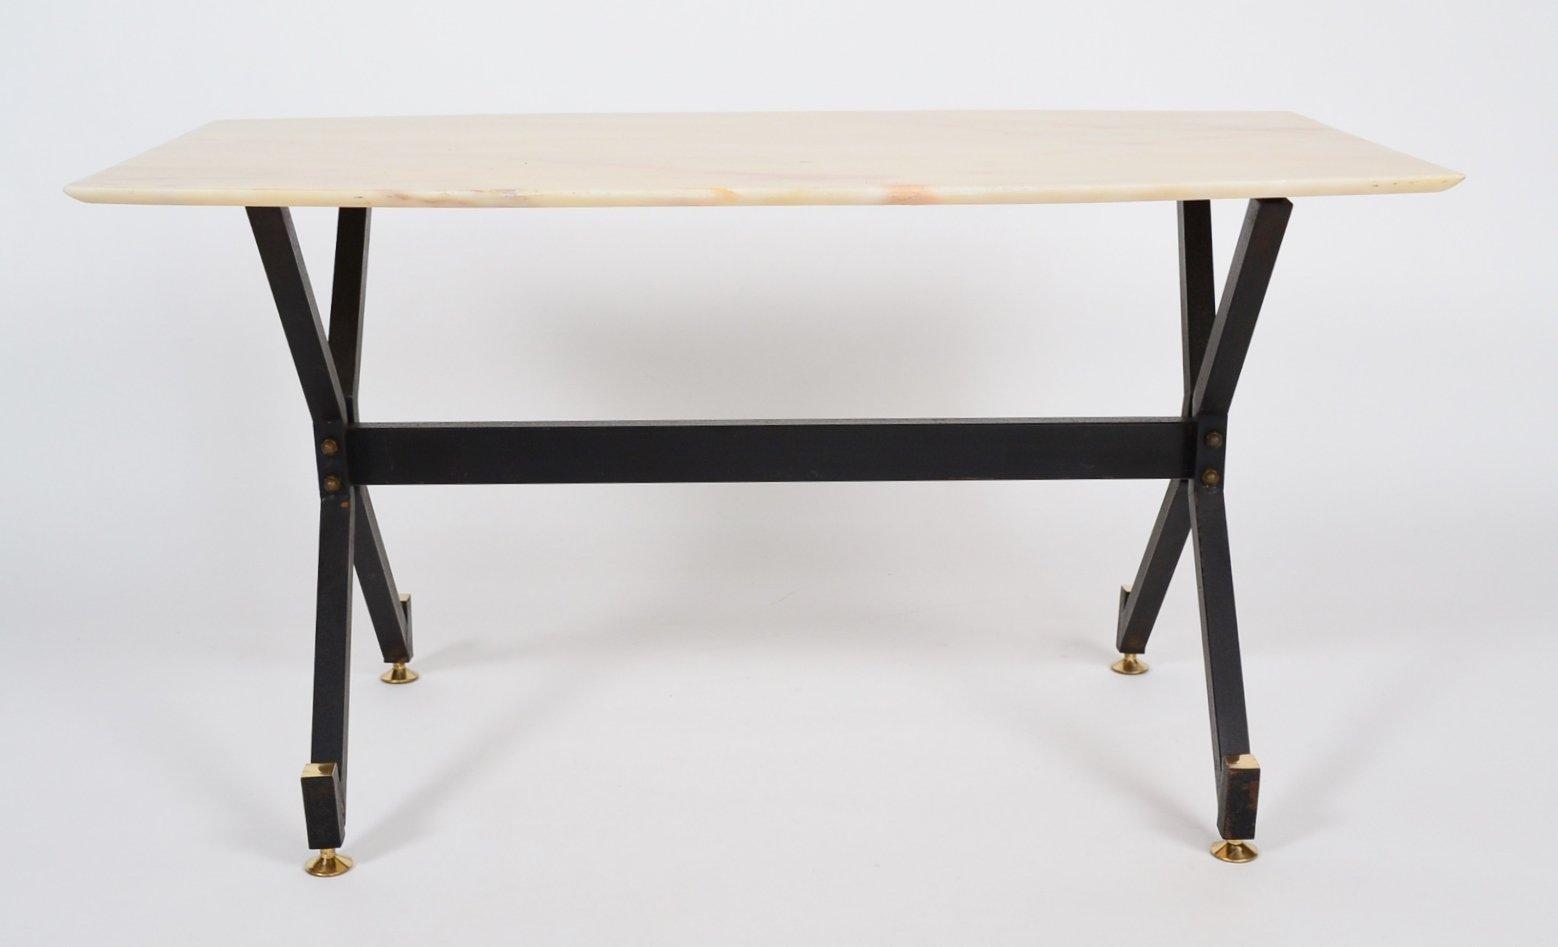 table basse avec plateau en marbre 1960s en vente sur pamono. Black Bedroom Furniture Sets. Home Design Ideas